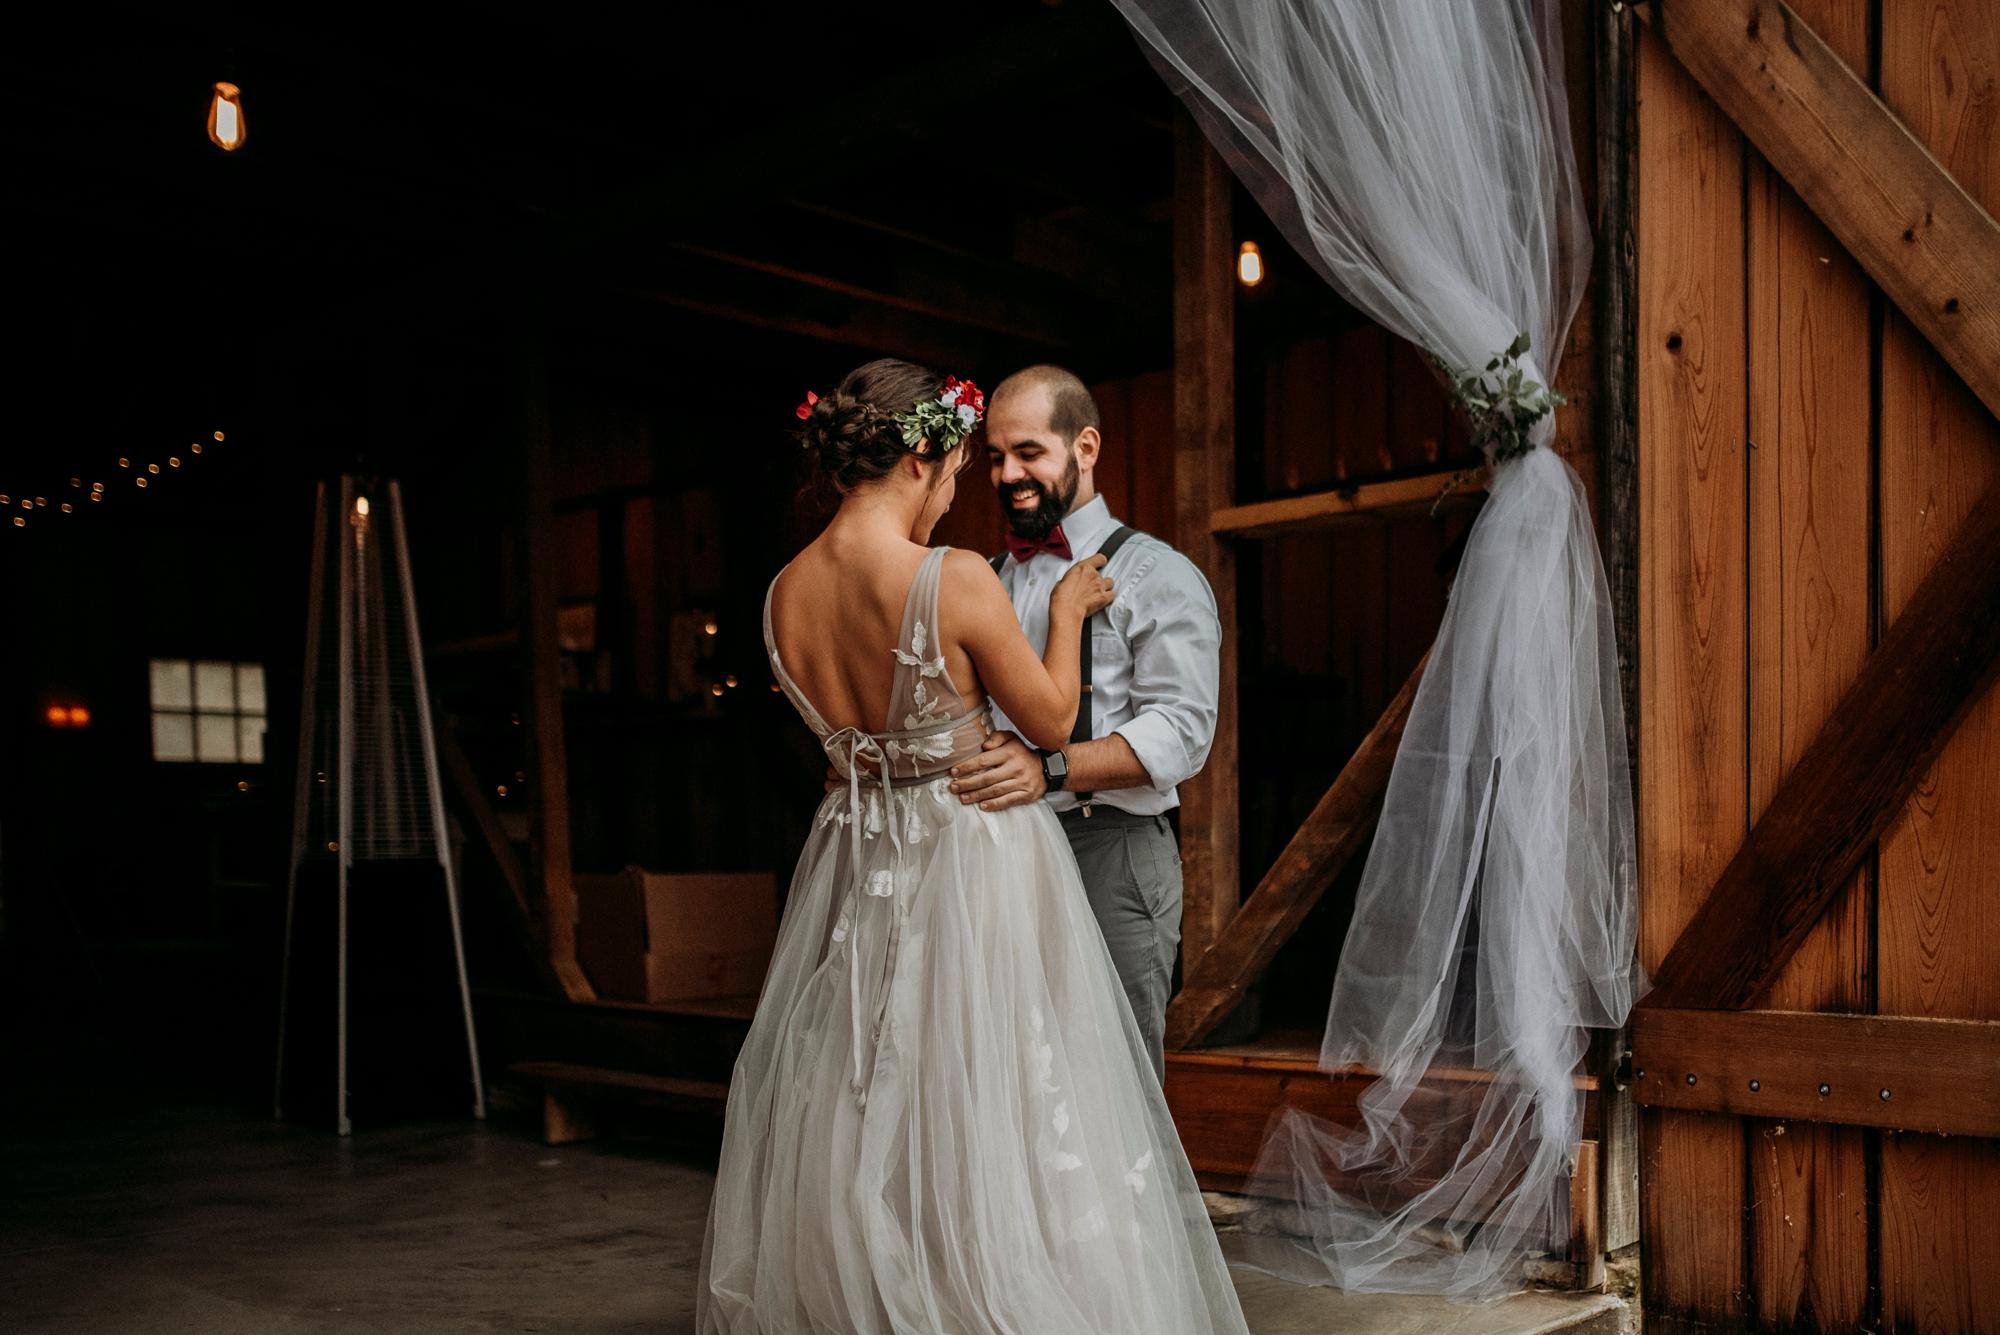 ethical-destination-wedding-stlouis_0017.jpg